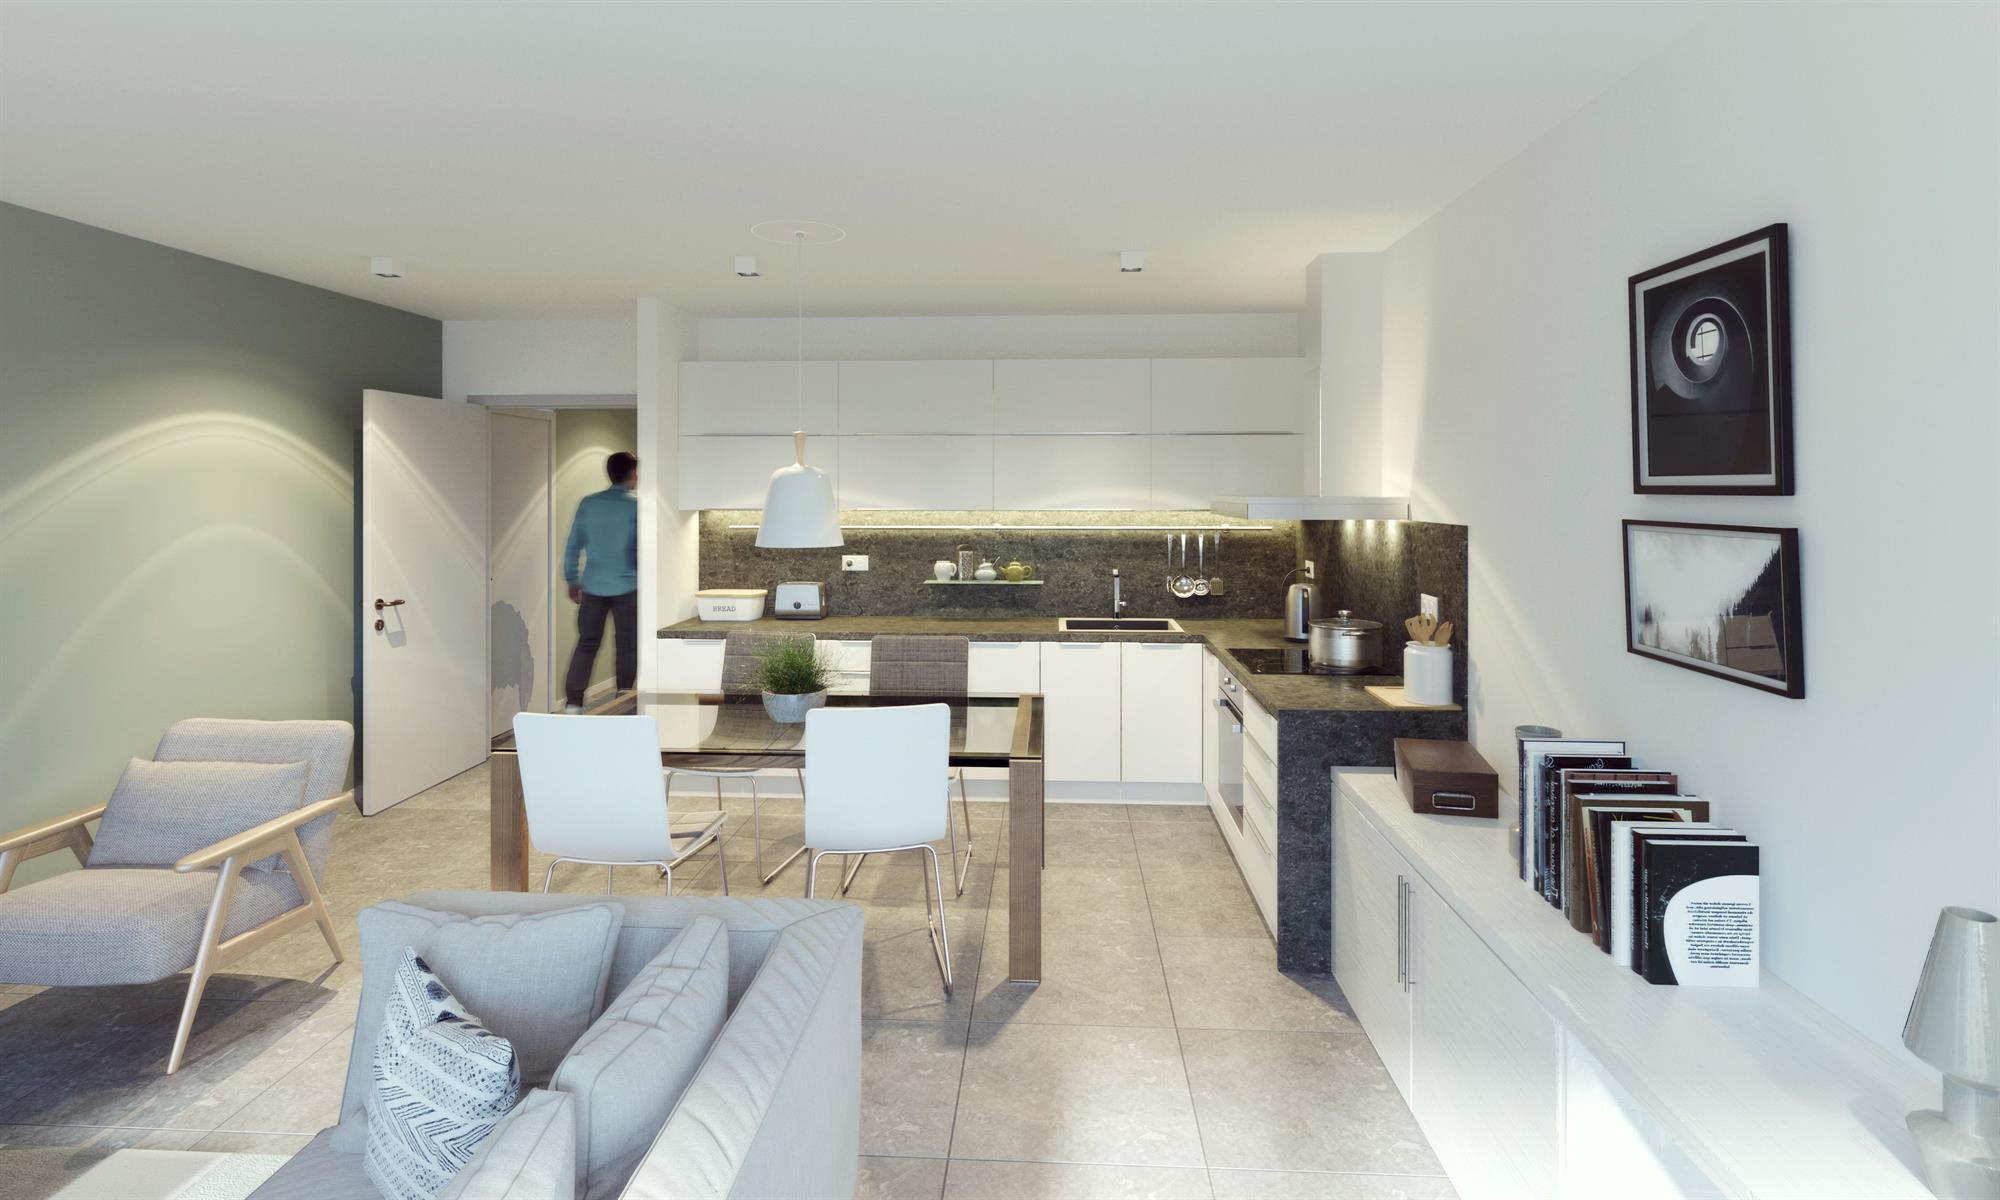 Ground floor with garden - Flemalle - #4197026-29